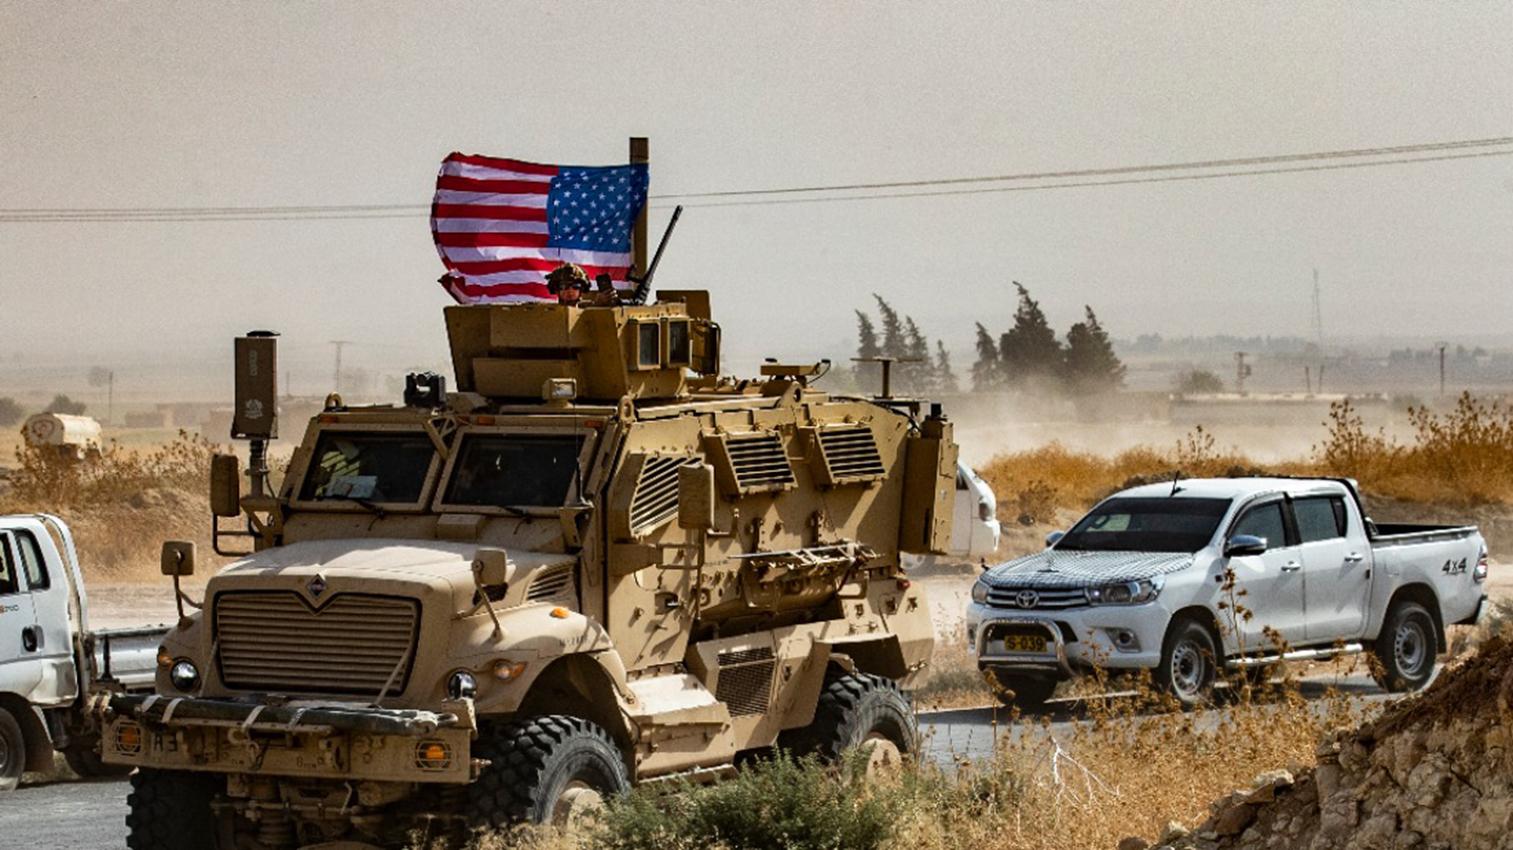 Tropas de EEUU en el norte de Siria recibieron la orden de dejar el país